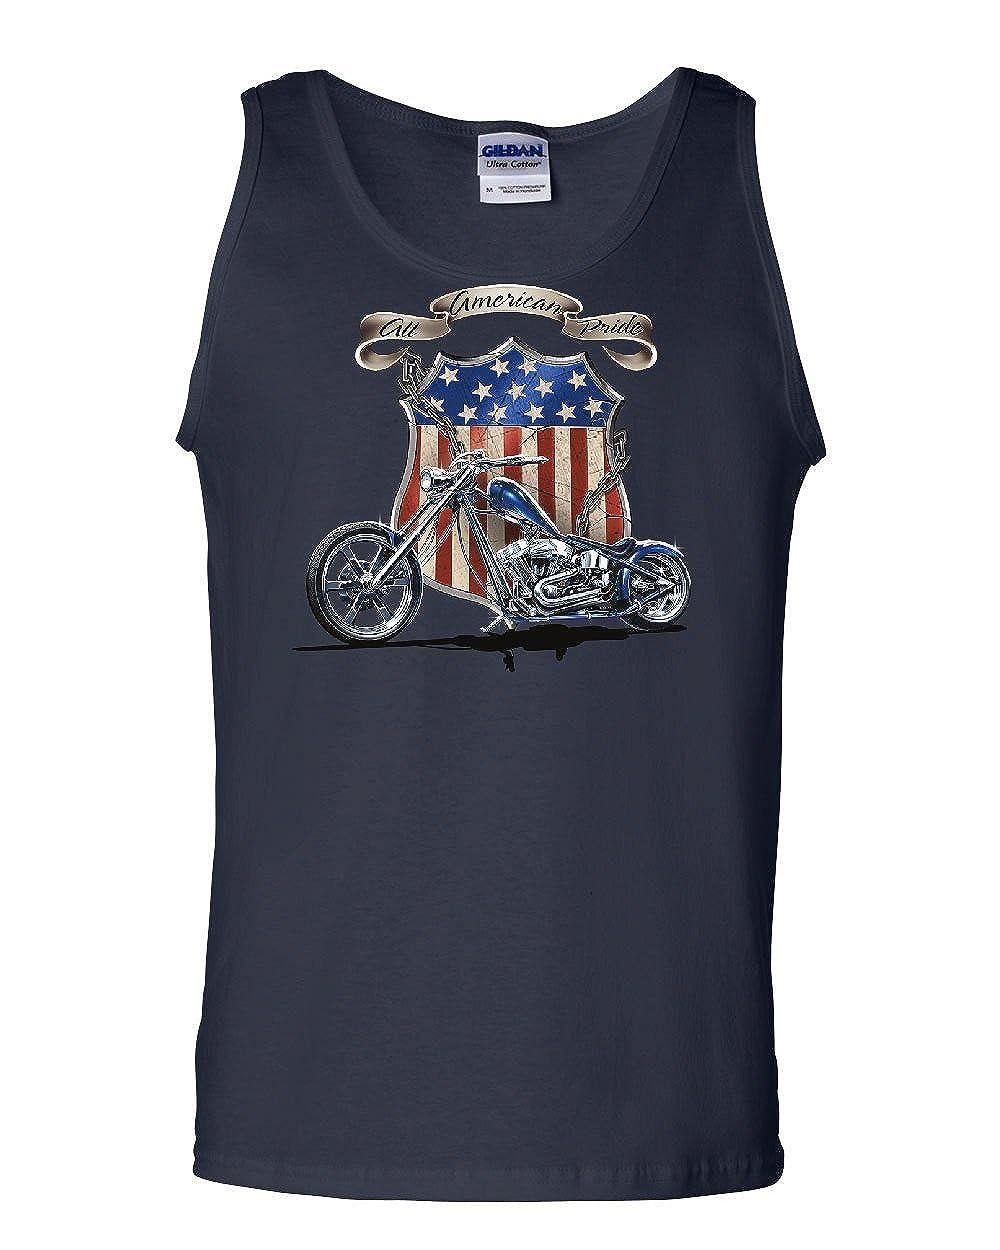 Tee Hunt American Pride Route 66 Tank Top Biker Chopper Ride Die Sleeveless